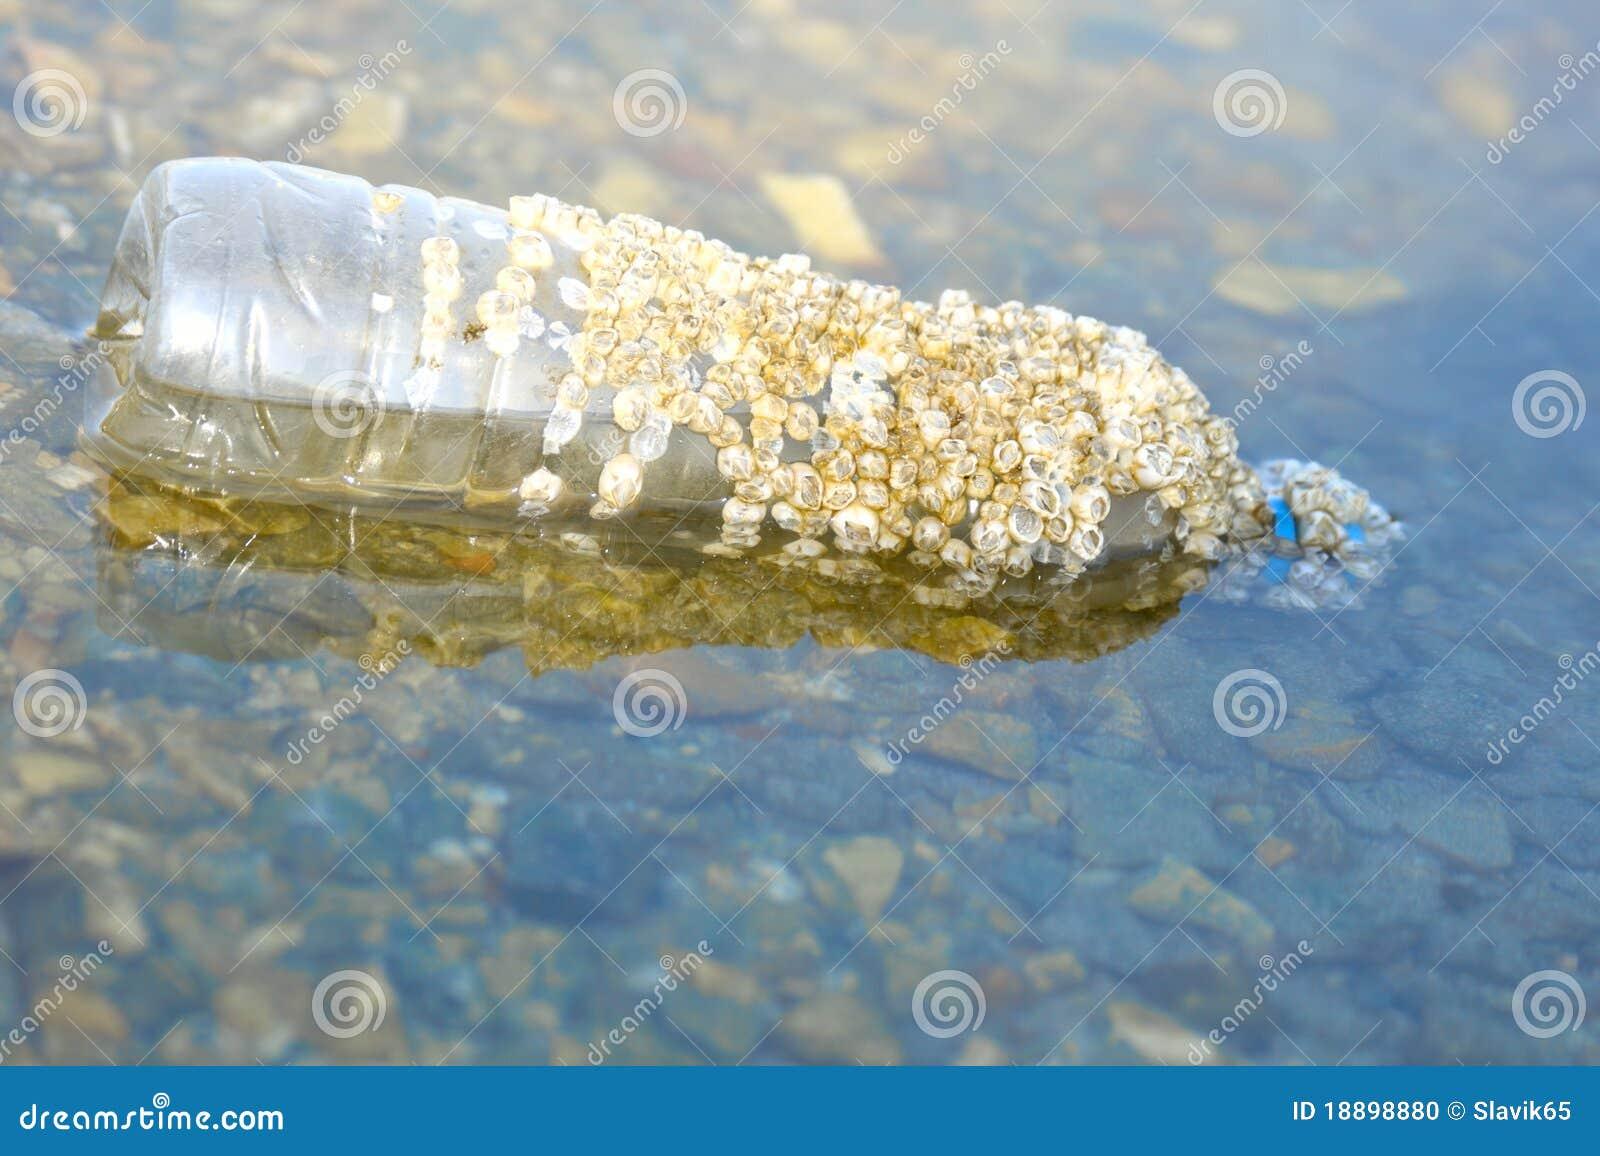 Bouteille en plastique en mer, coquilles de coque saisies